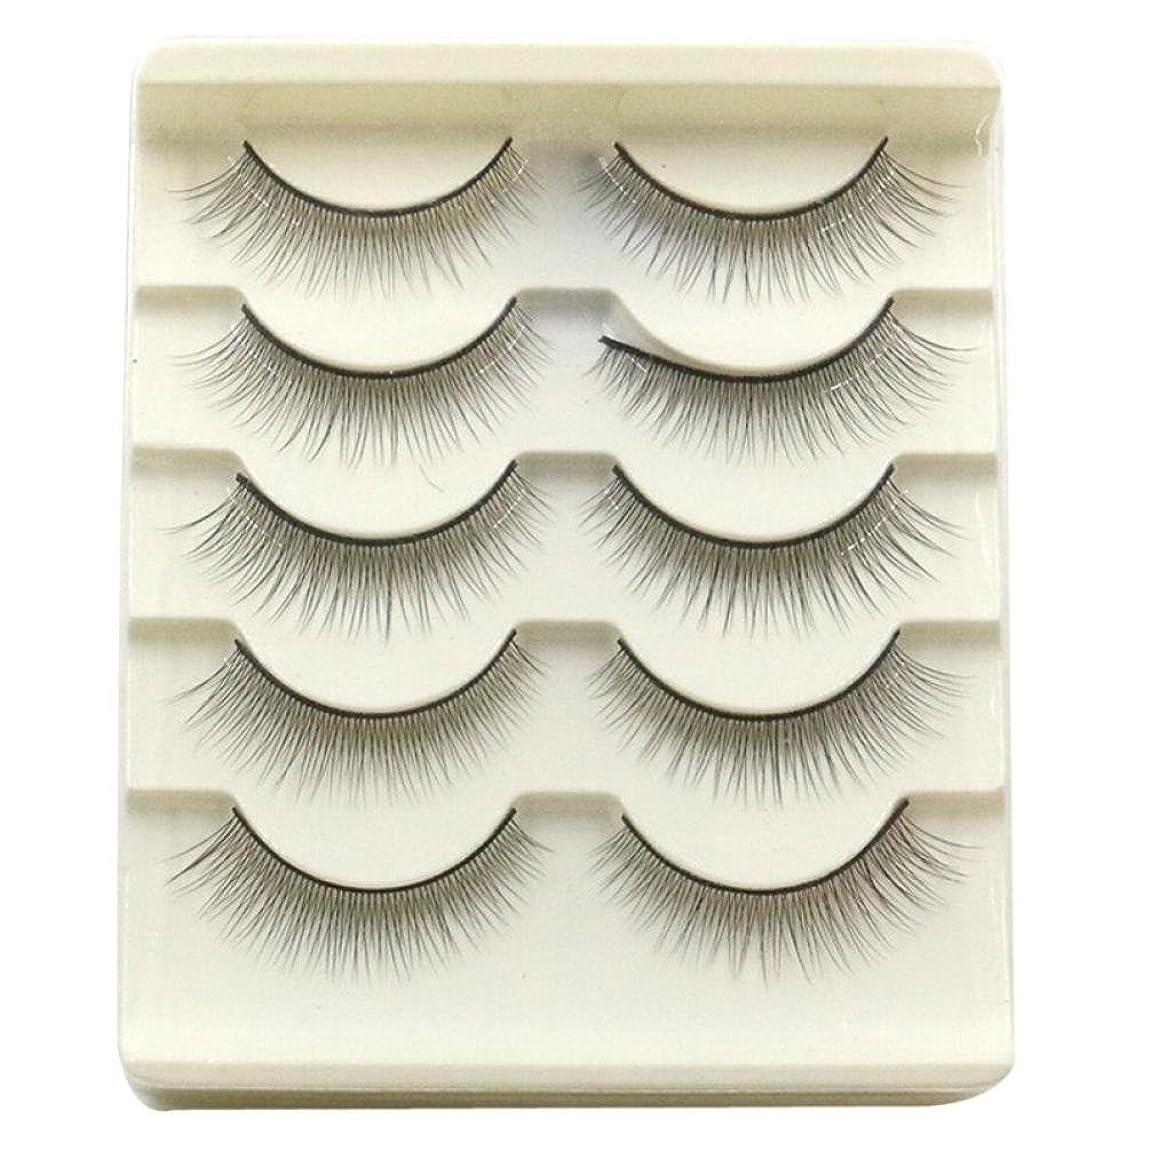 シアー礼拝ミリメーターFeteso 5ペア つけまつげ 上まつげ Eyelashes アイラッシュ ビューティー まつげエクステ レディース 化粧ツール アイメイクアップ 人気 ナチュラル ふんわり 装着簡単 綺麗 極薄